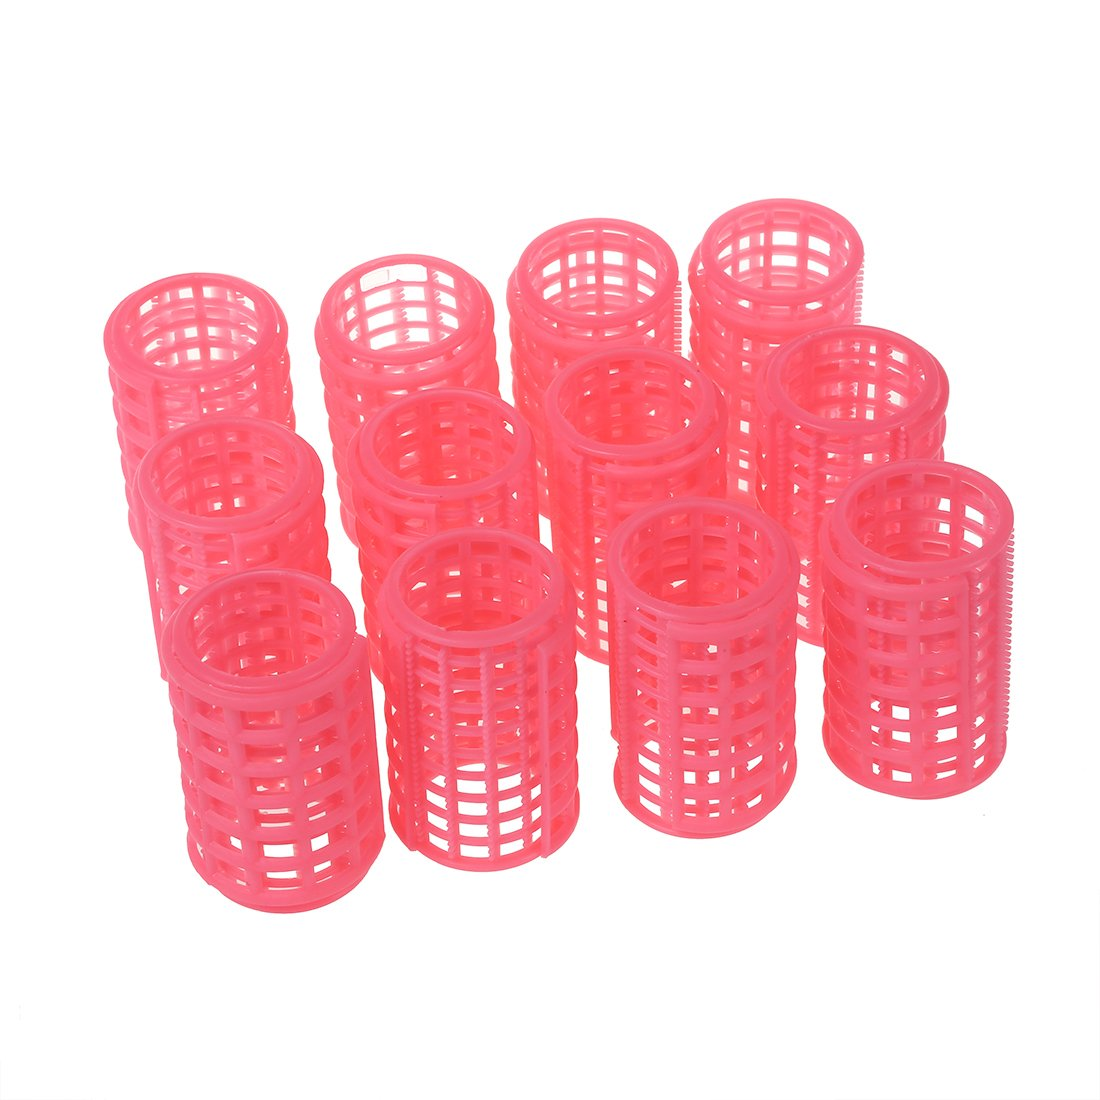 SODIAL(R) 12 Pcs de Clip de rodillo de bigudies de color Rosa De Plastico para Maquillaje DIY peinado 040135